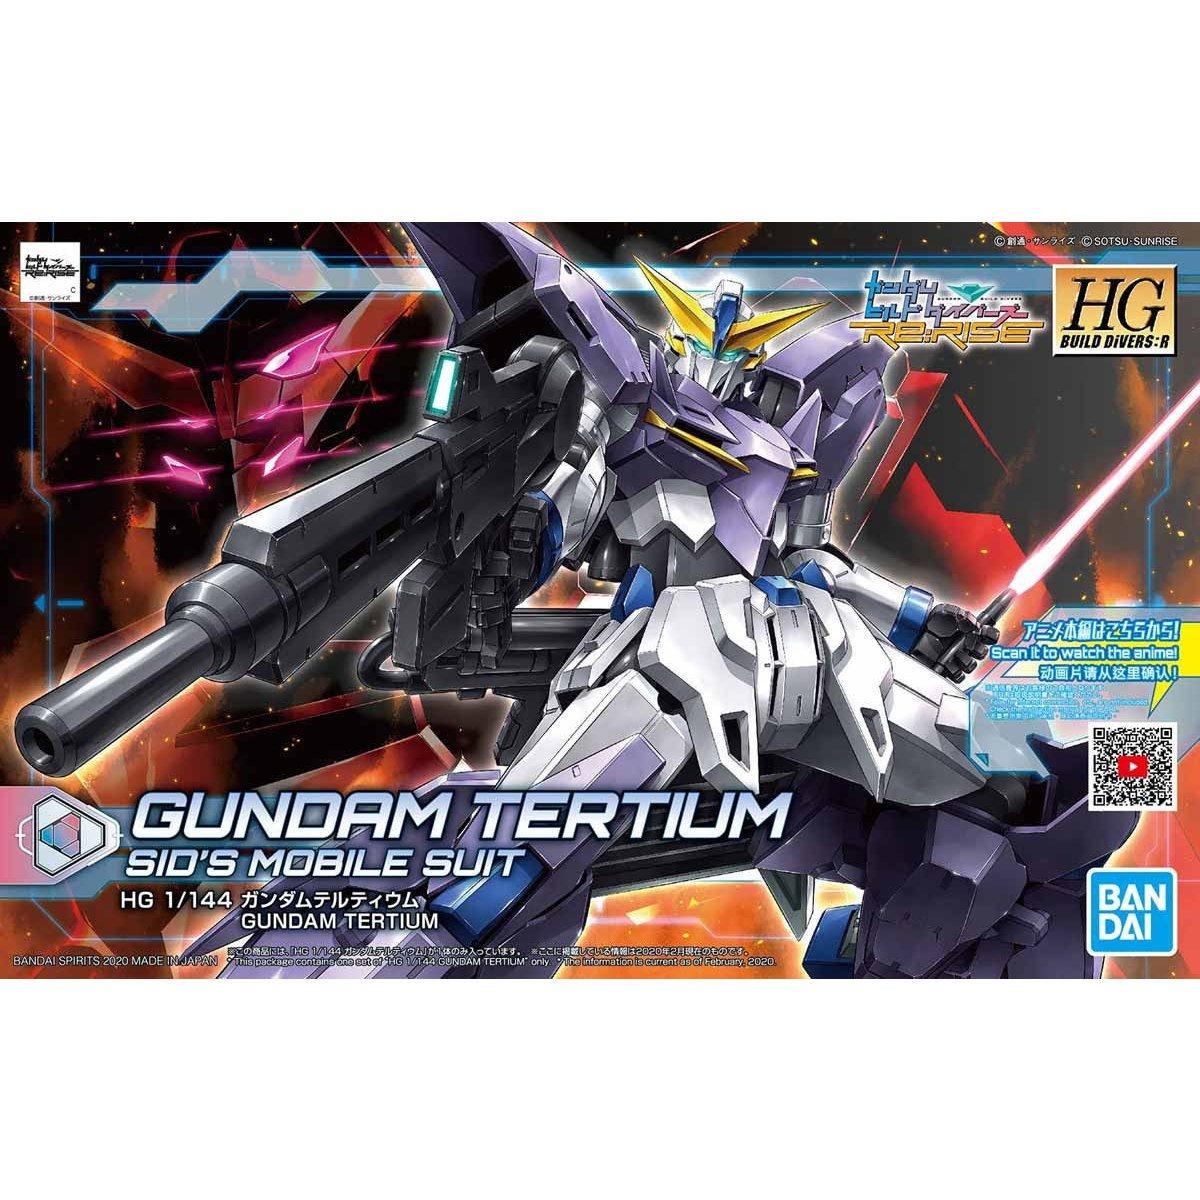 鋼彈gundam組合模型 HGBD:R 1/144 創鬥者潛網大戰Re:RISE #016 鋼彈三代